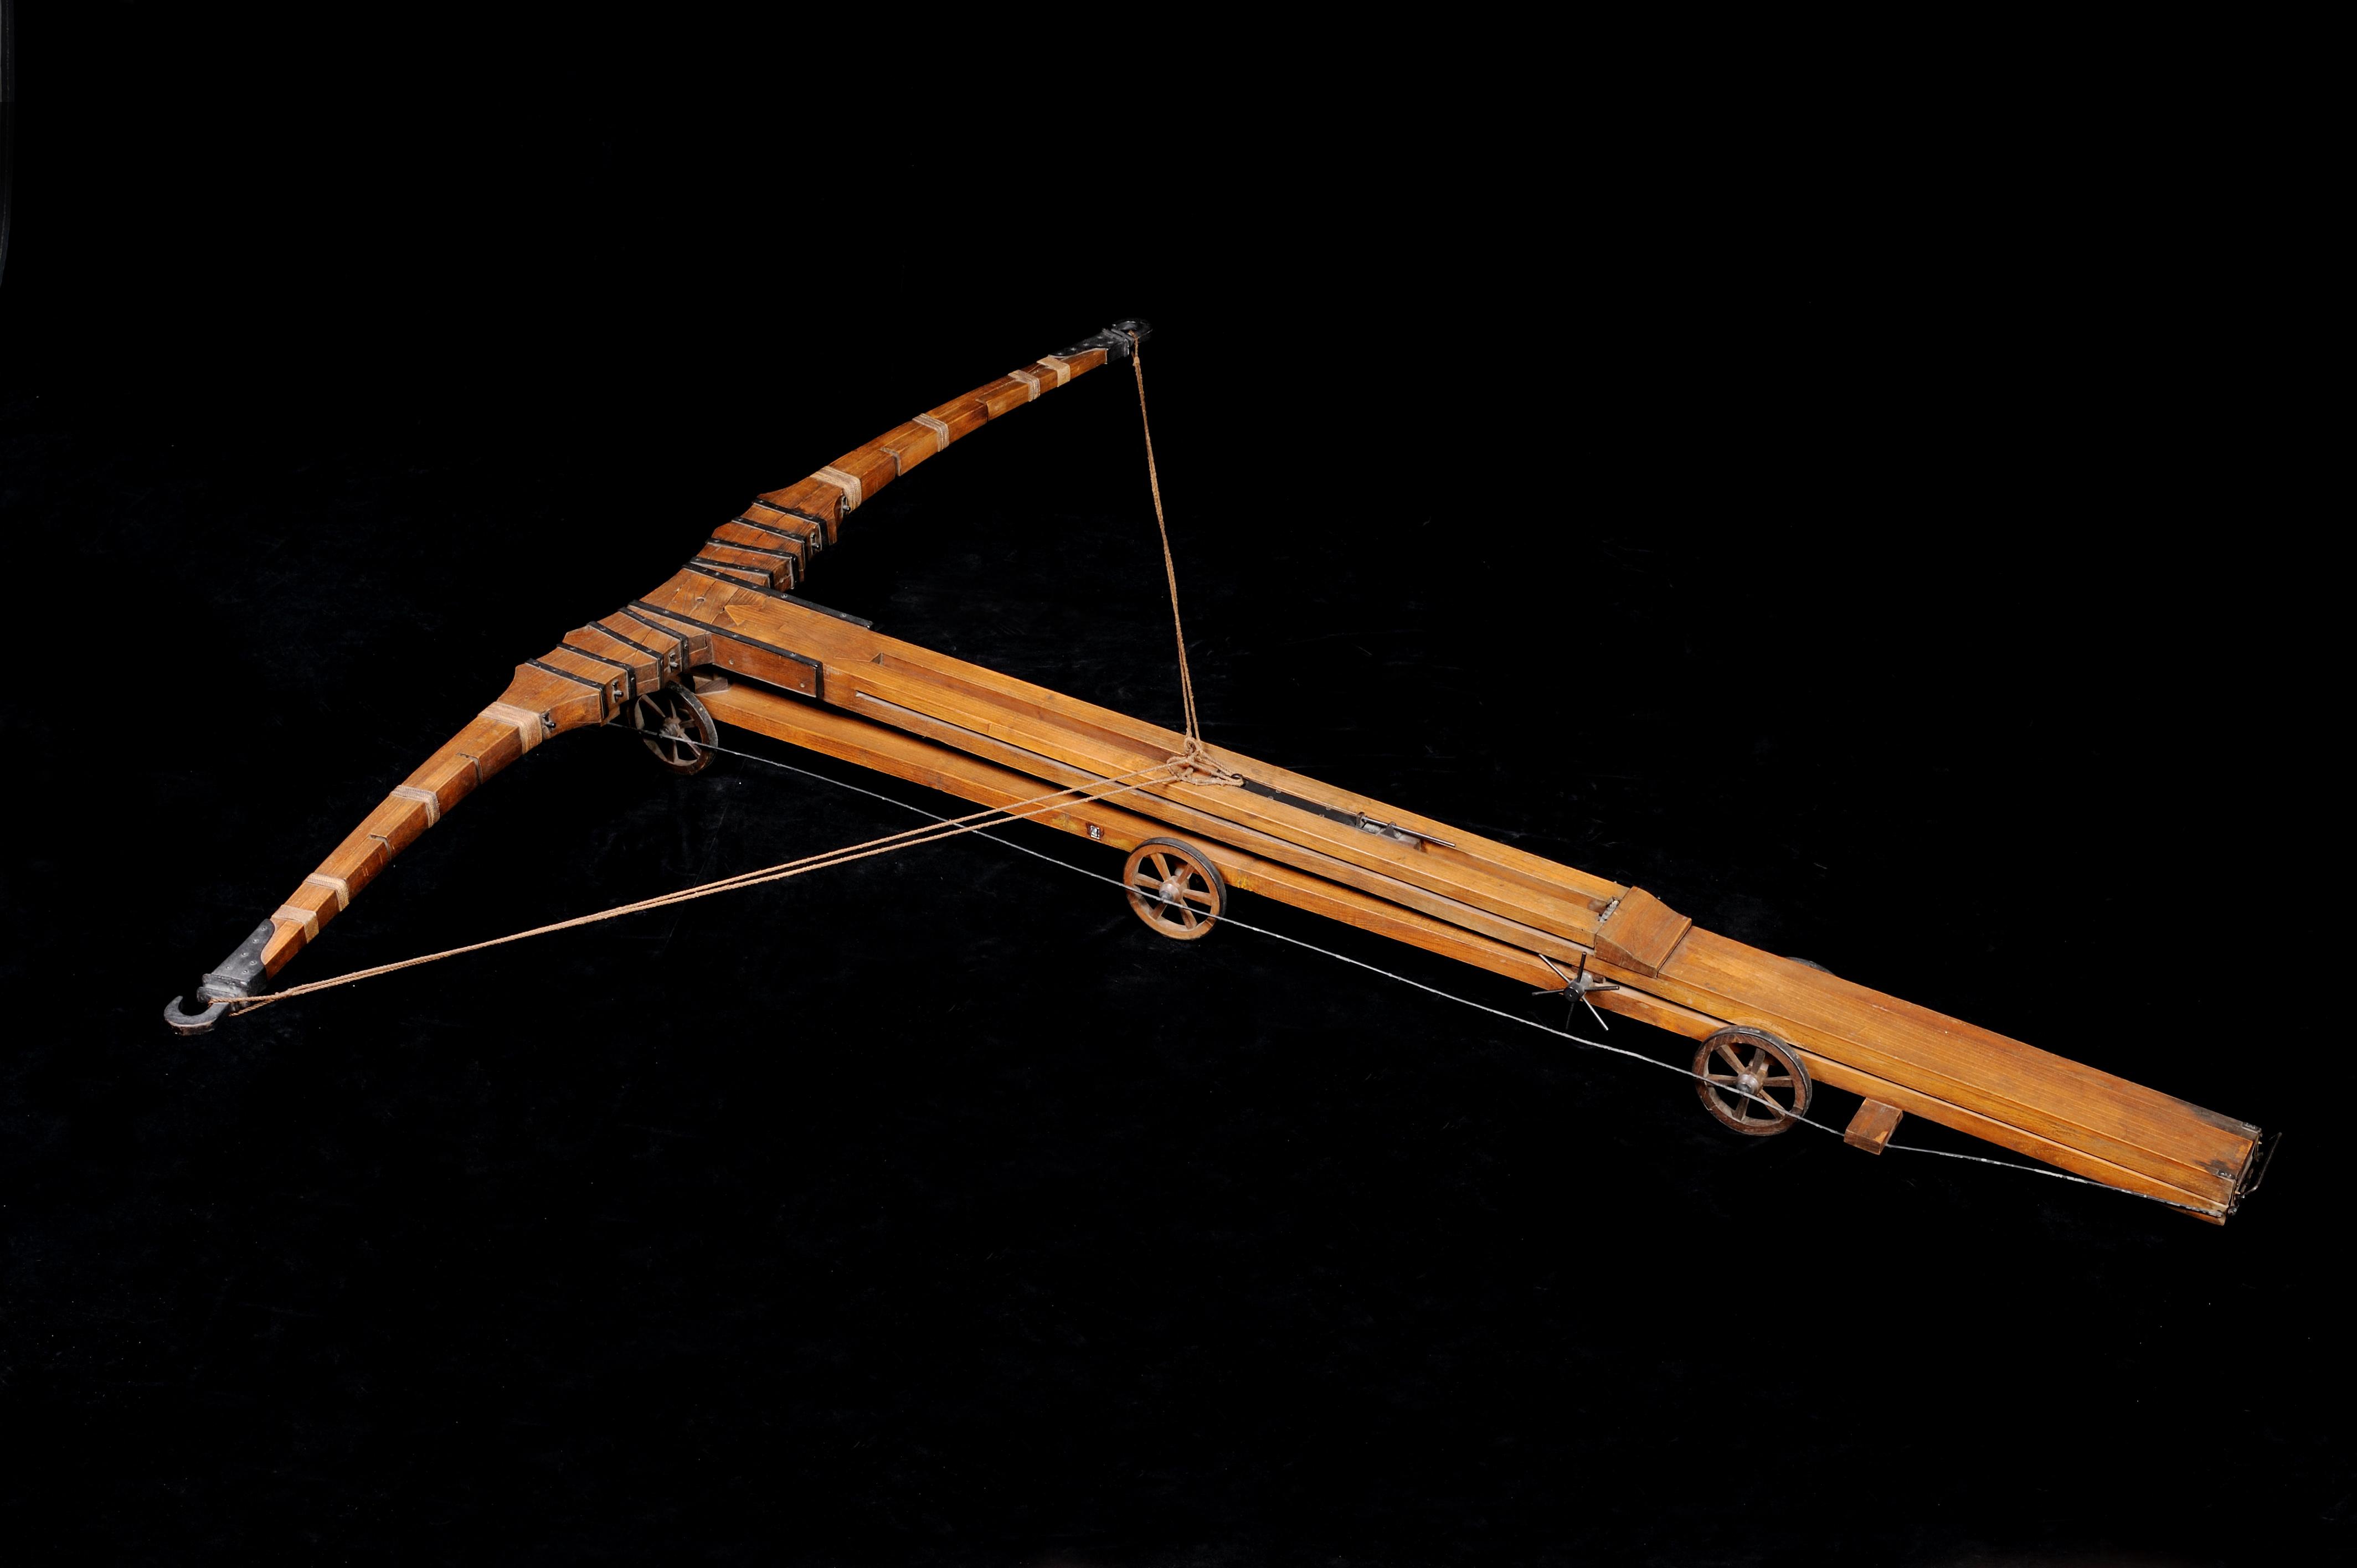 Giant crossbow: Run away! © Archivio Museo Nazionale della Scienza e della Tecnologia Leonardo da Vinci – Alessandro Nassiri